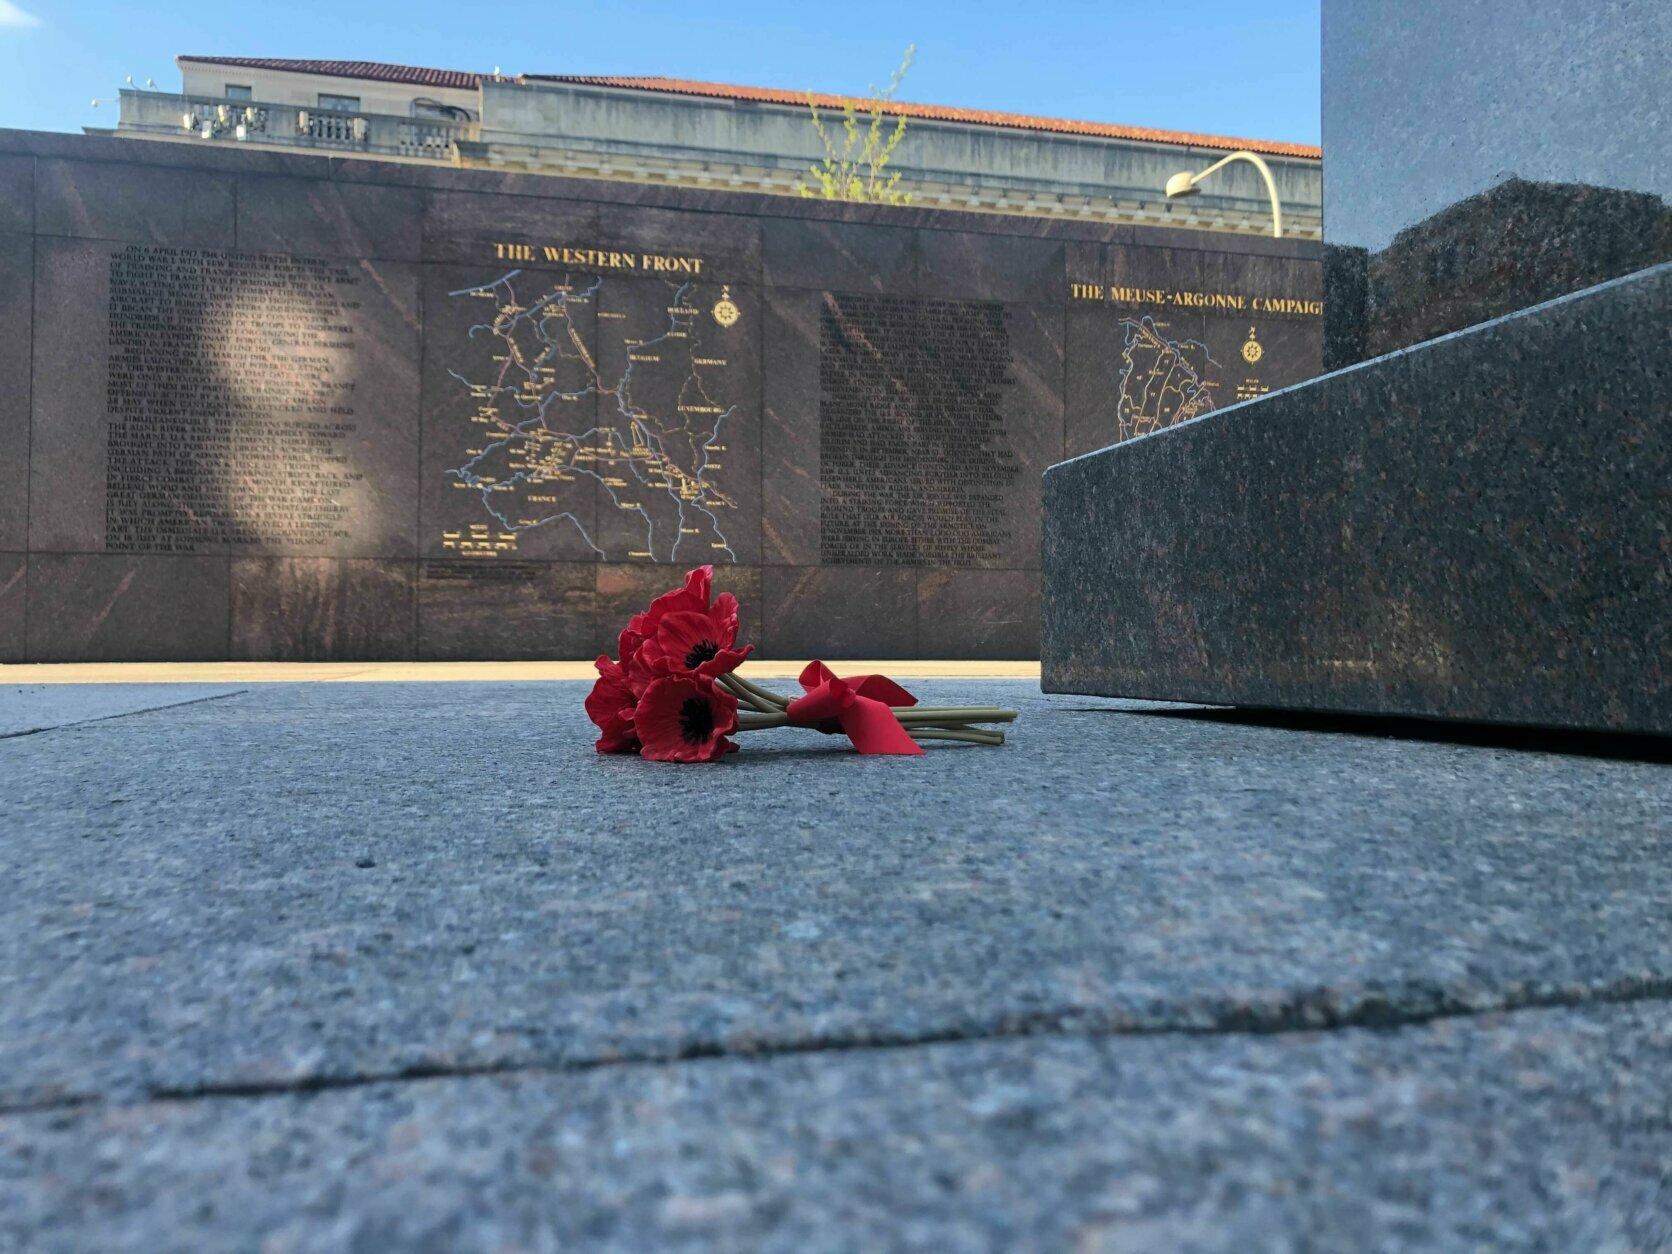 Flower at memorial